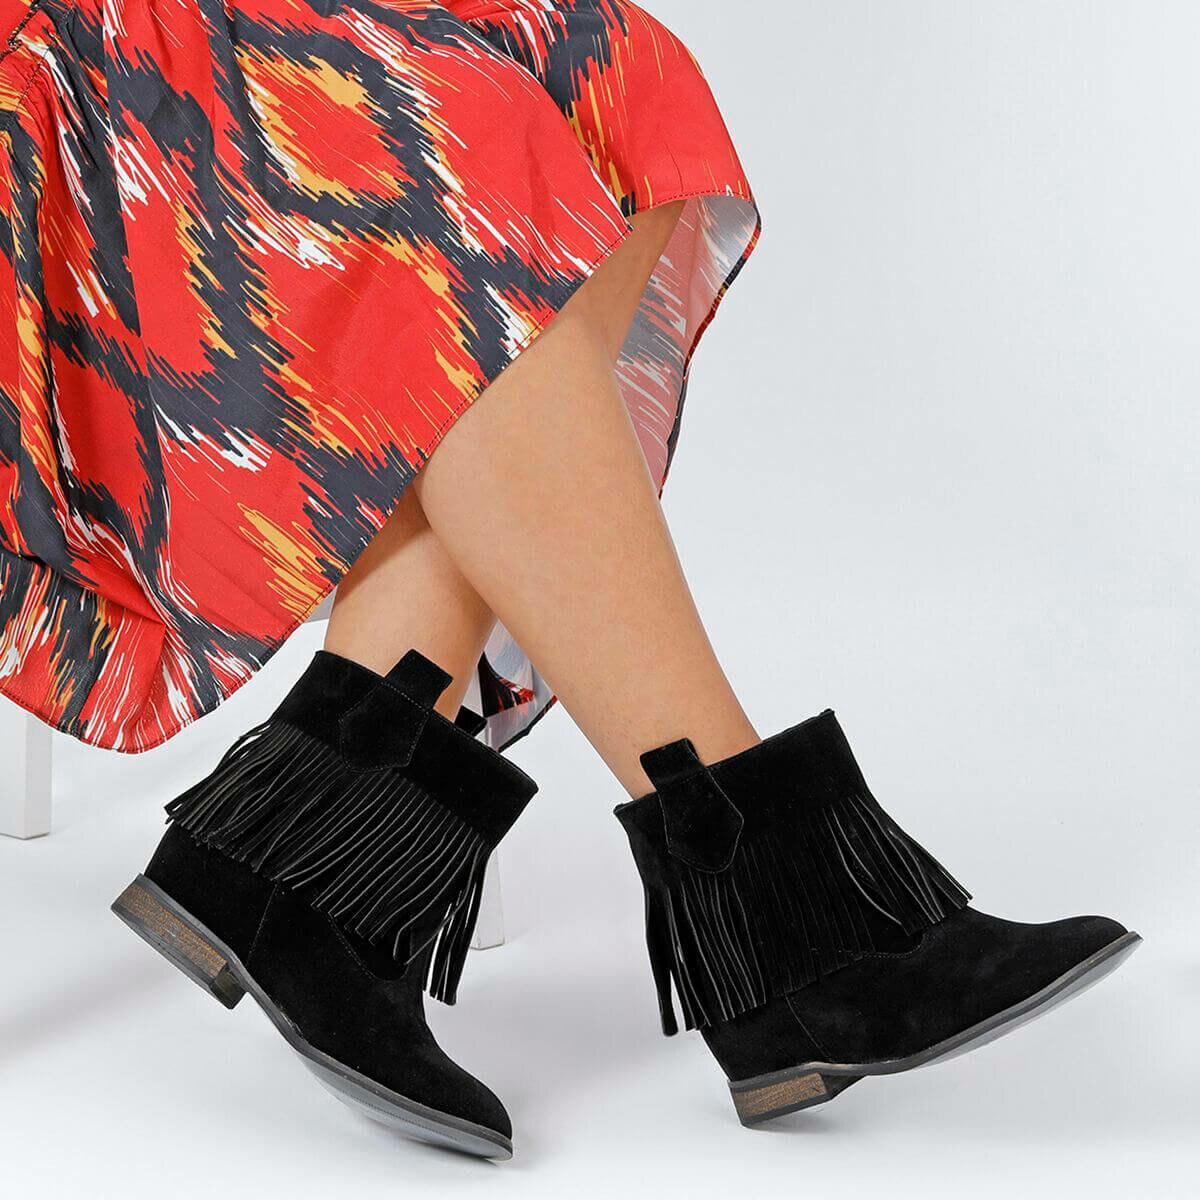 FLO CASPER 85Z Black Women Boots BUTIGO